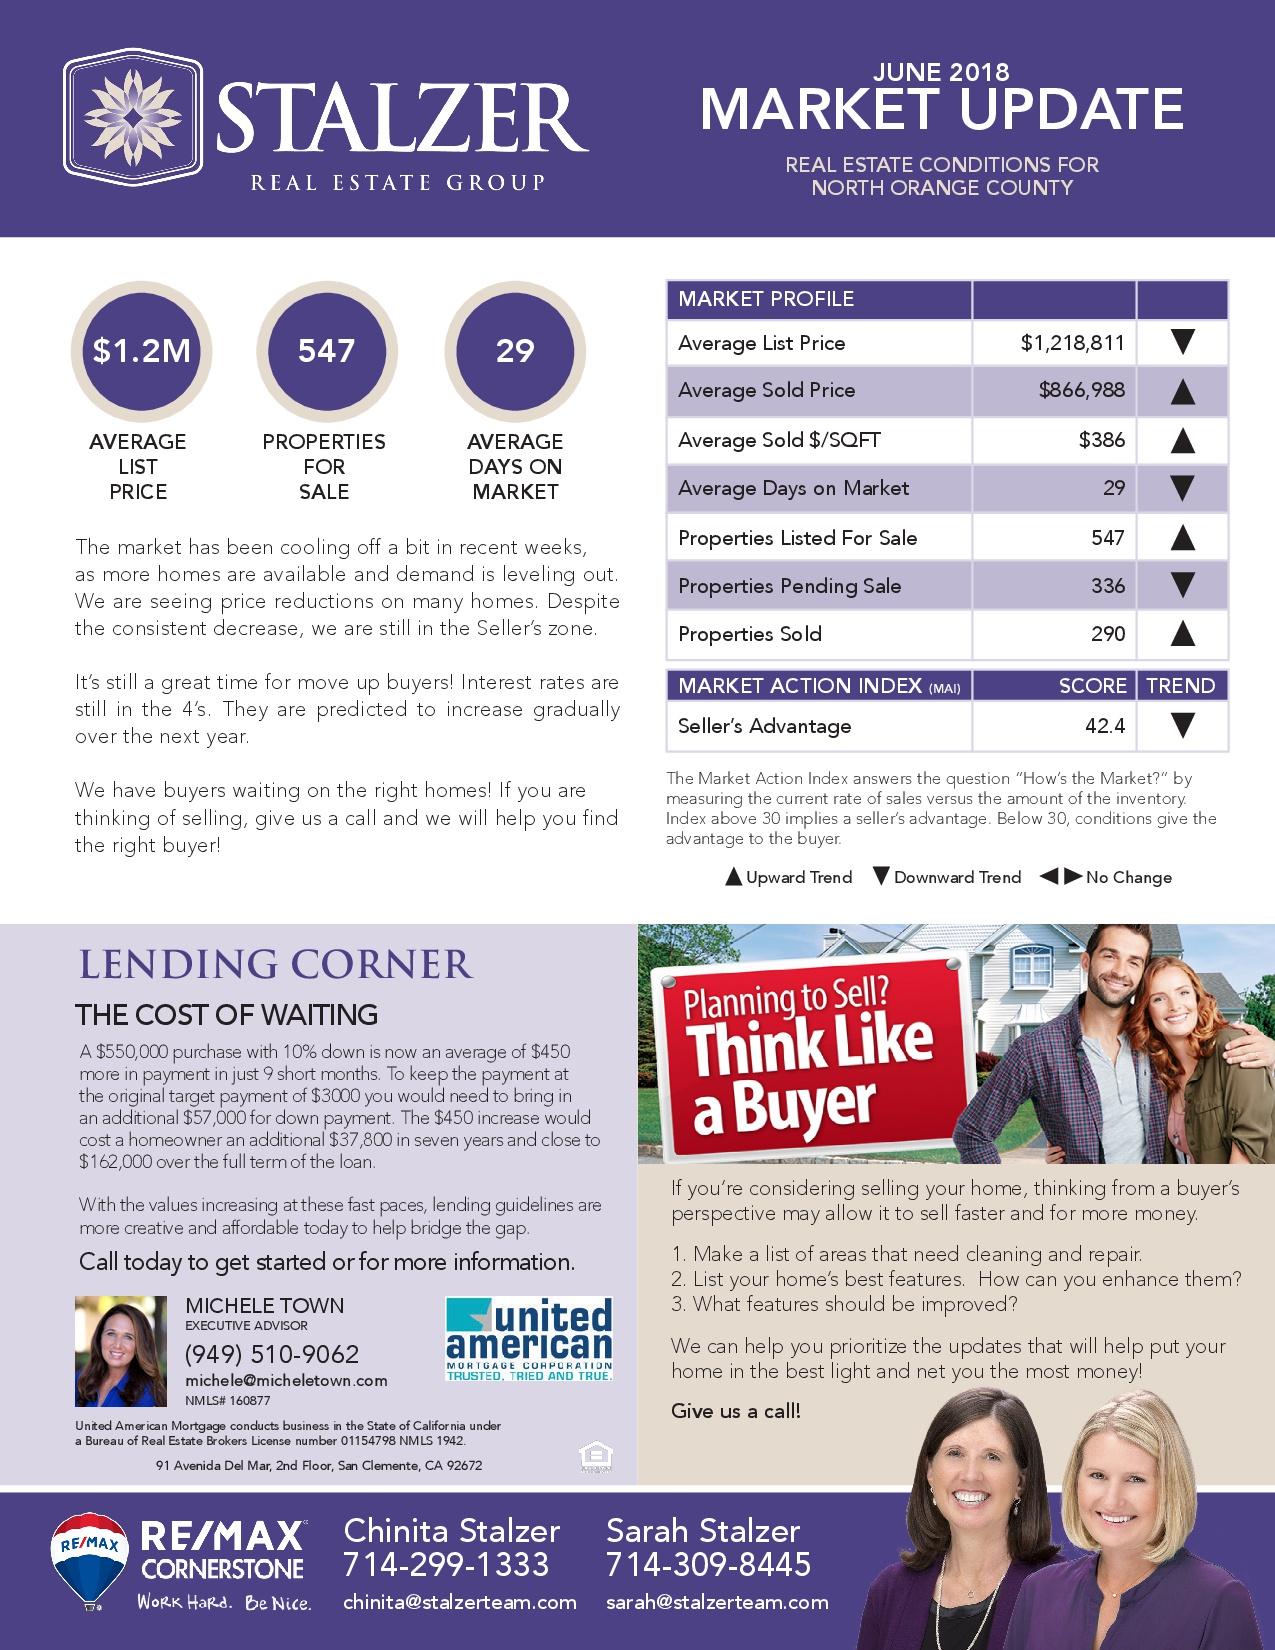 stalzer_newsletter_0618-1.jpg